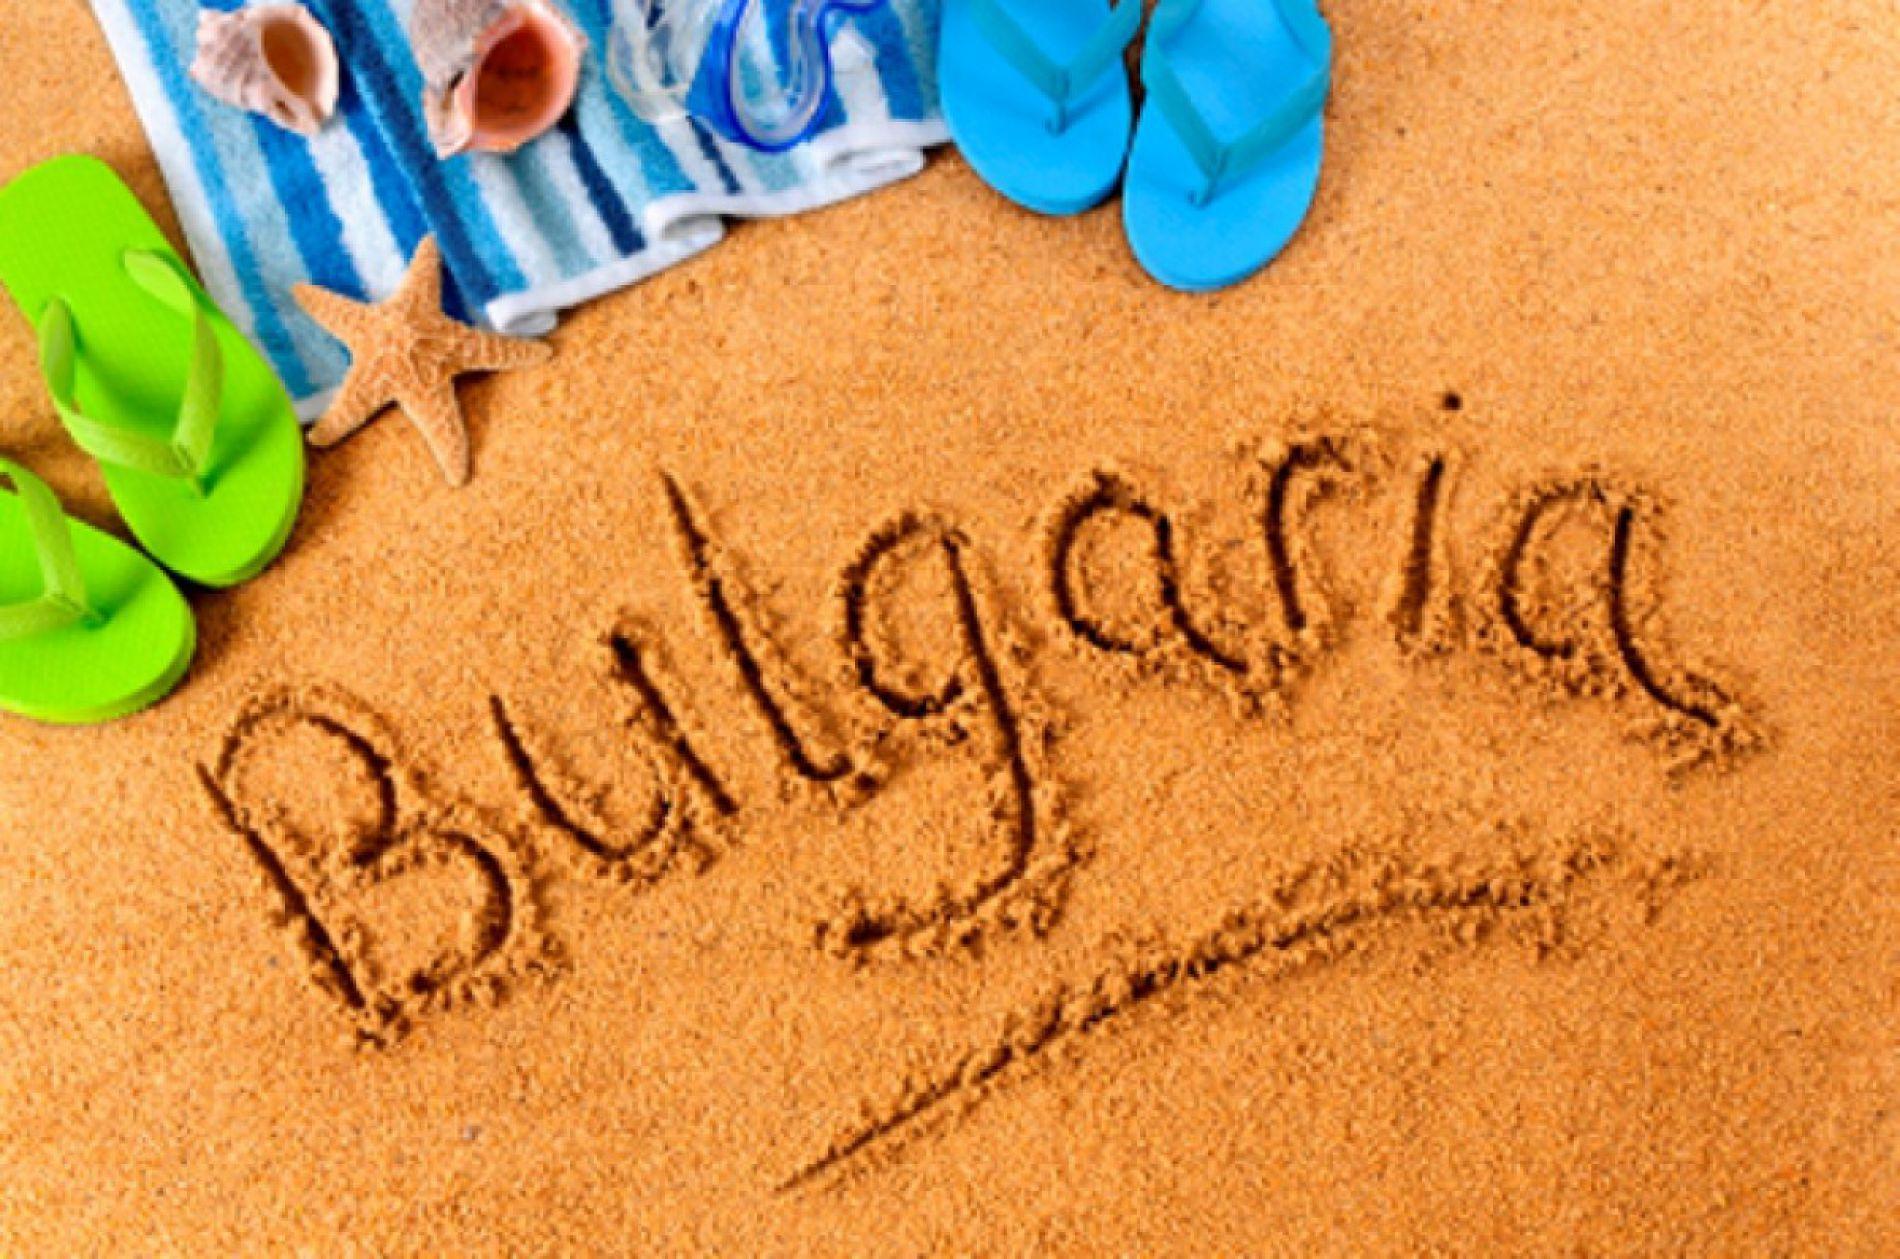 Россияне нашли хорошую жизнь в Болгарии - газета